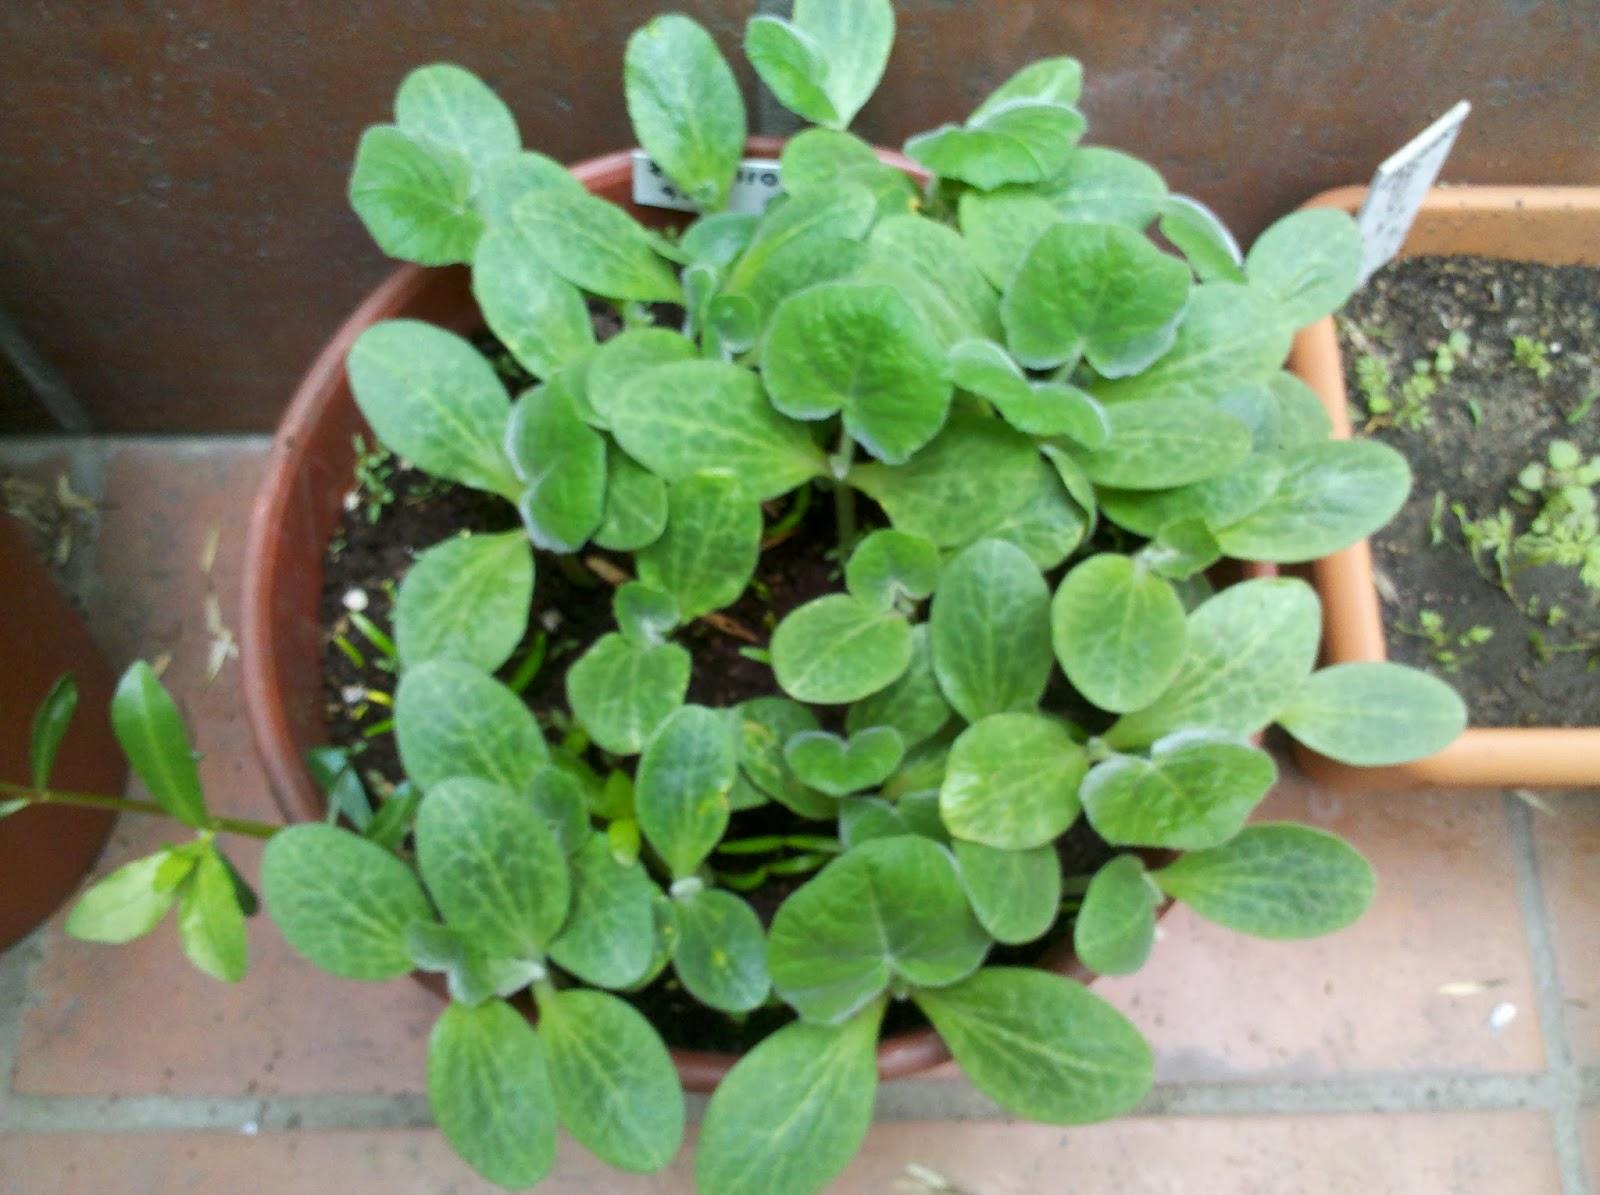 Pies en la tierra crecimiento veloz de planta de zapallo - Hierba luisa en maceta ...